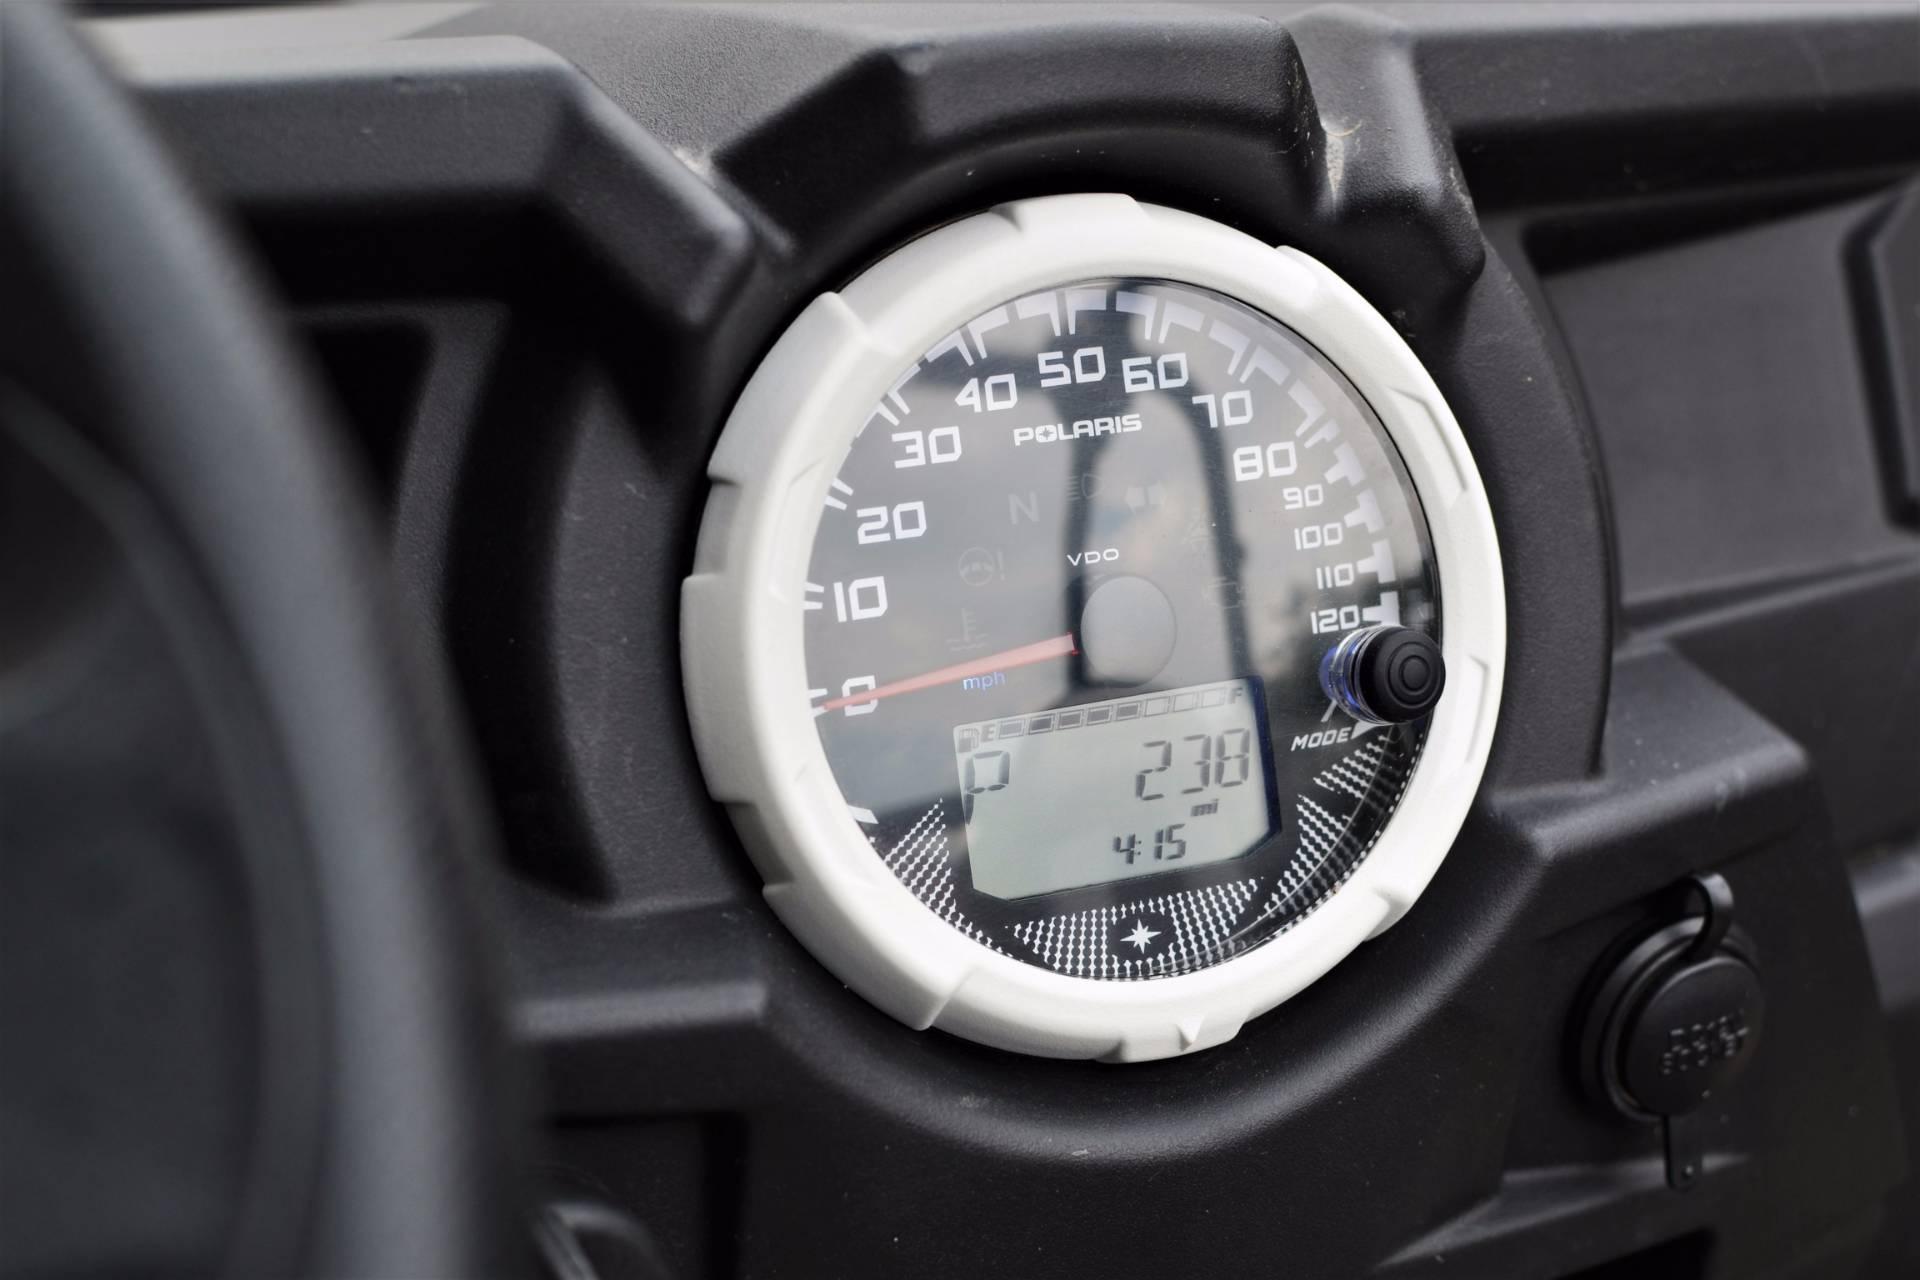 2016 Polaris RZR XP 1000 EPS 9